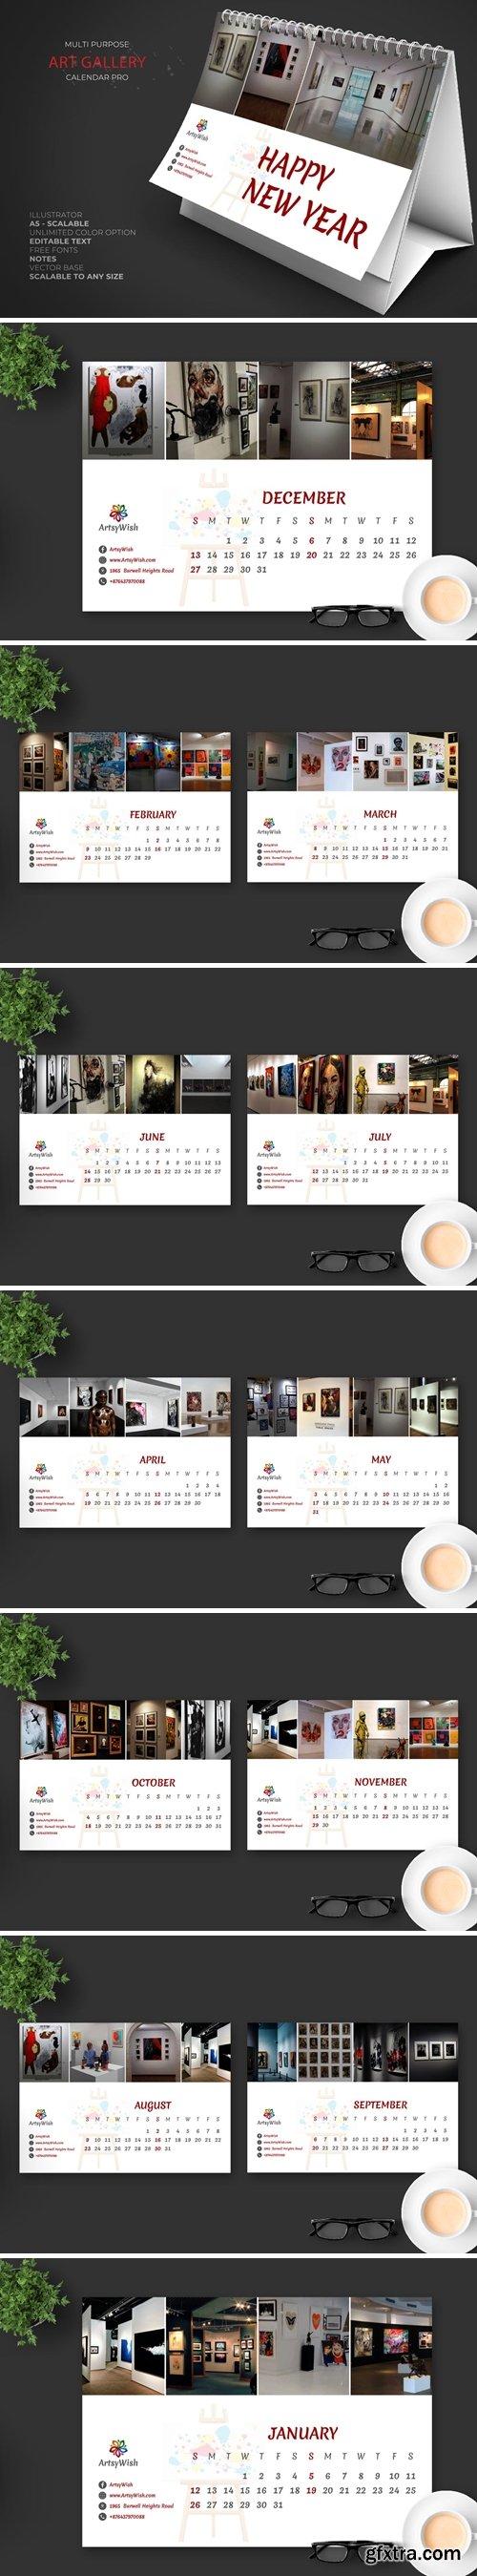 2020 Art Gallery Calendar Pro